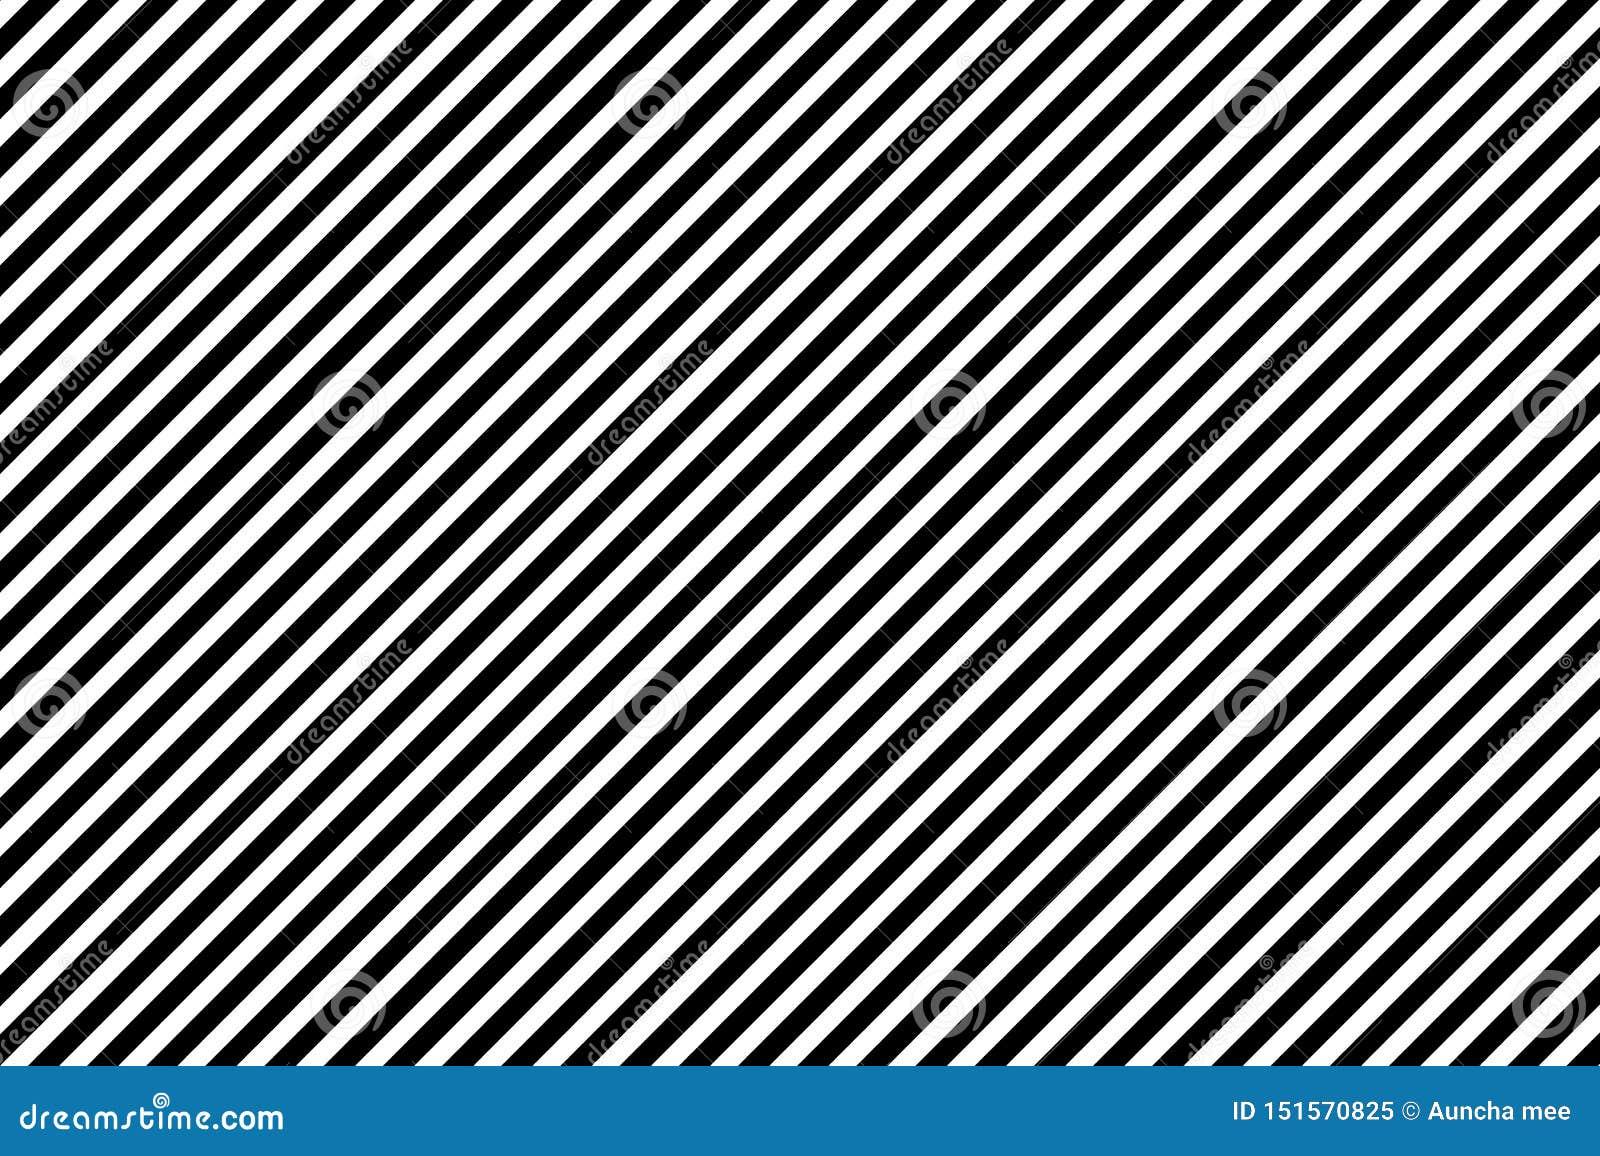 Дизайн волны предпосылки оптически искусства абстрактный черно-белый